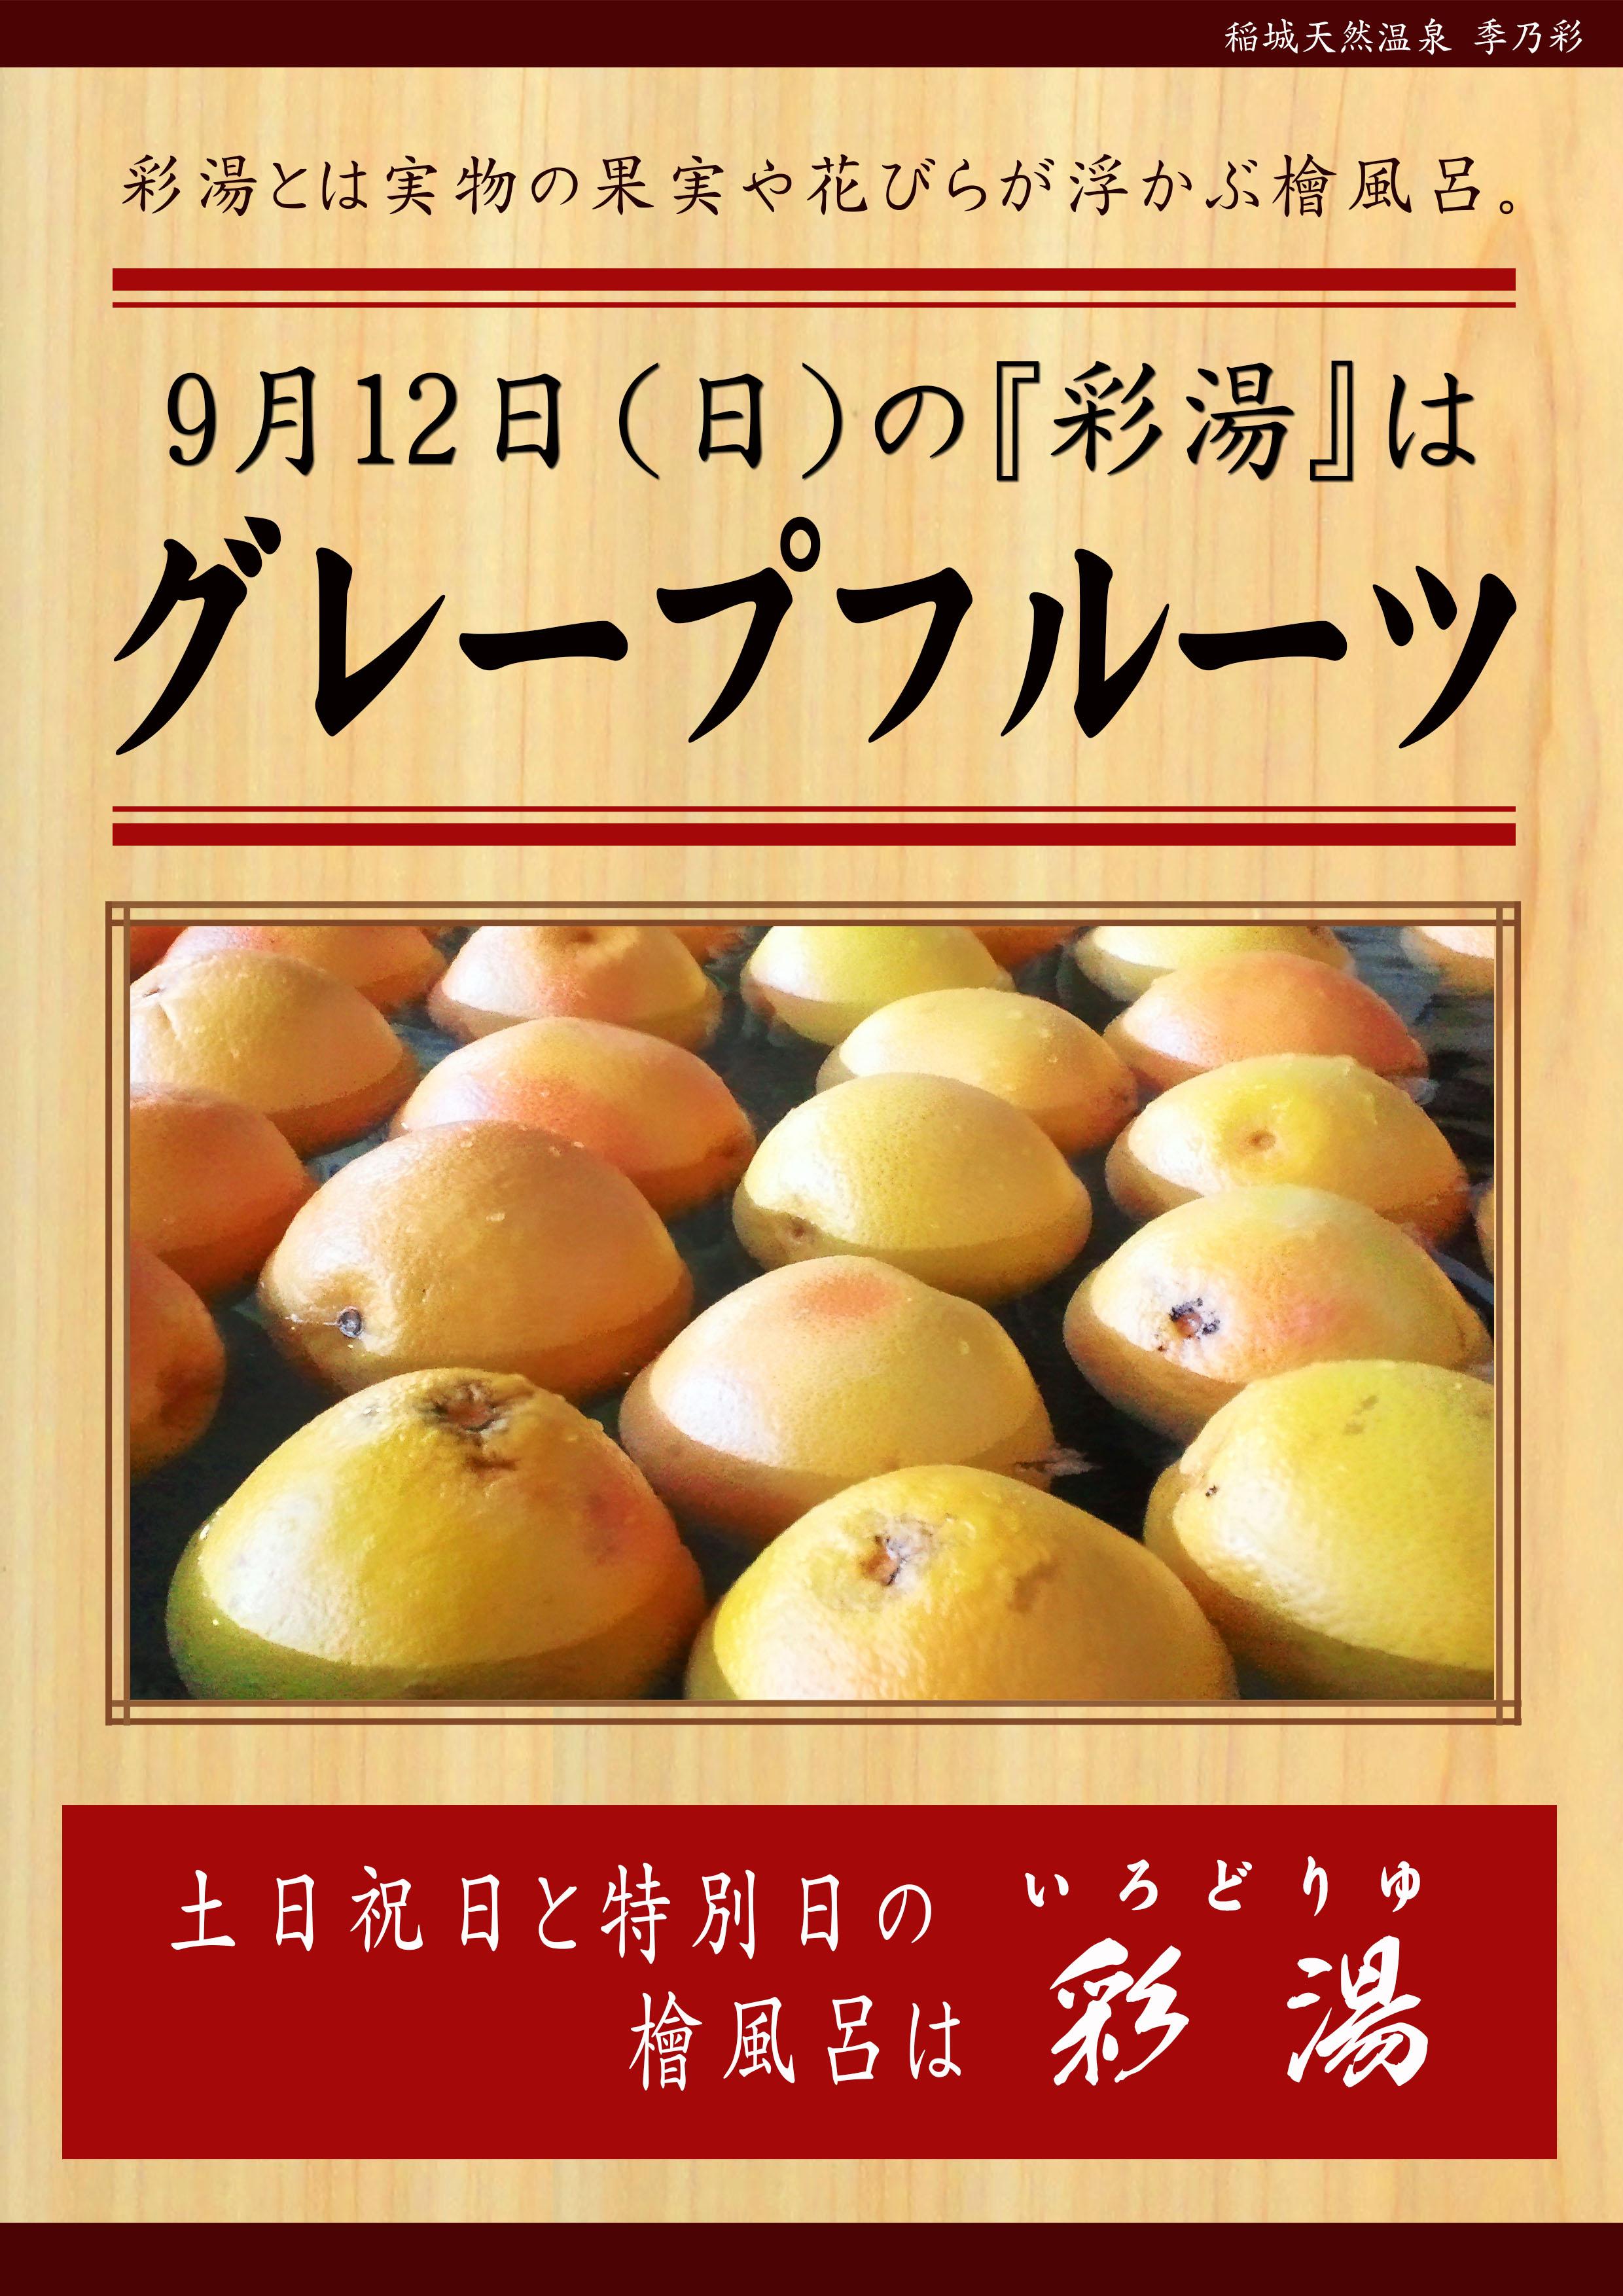 20210912 POP イベント 彩湯 グレープフルーツ